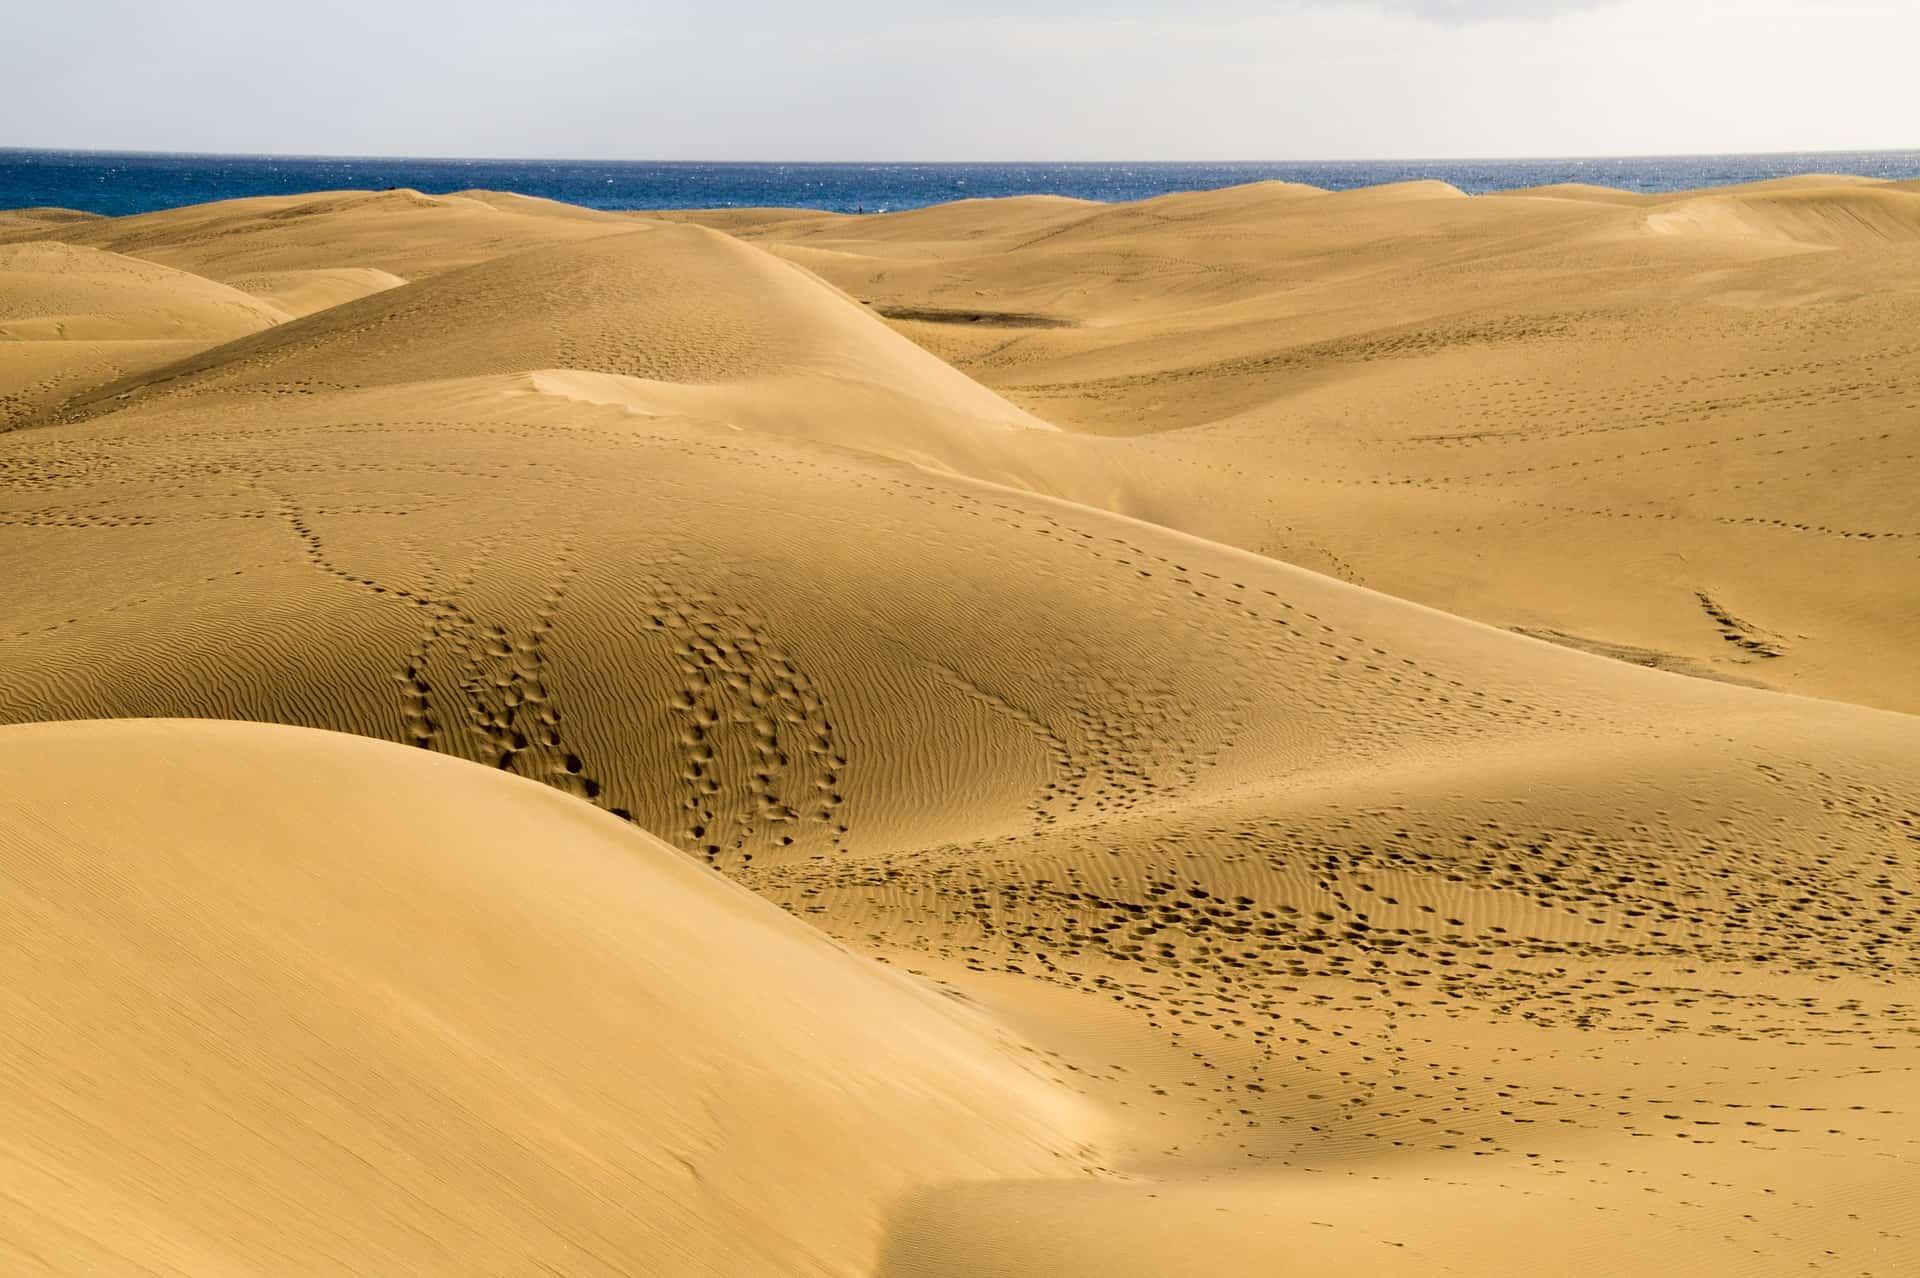 Maspalomas von der Wüstenlandschaft zum Sandstrand